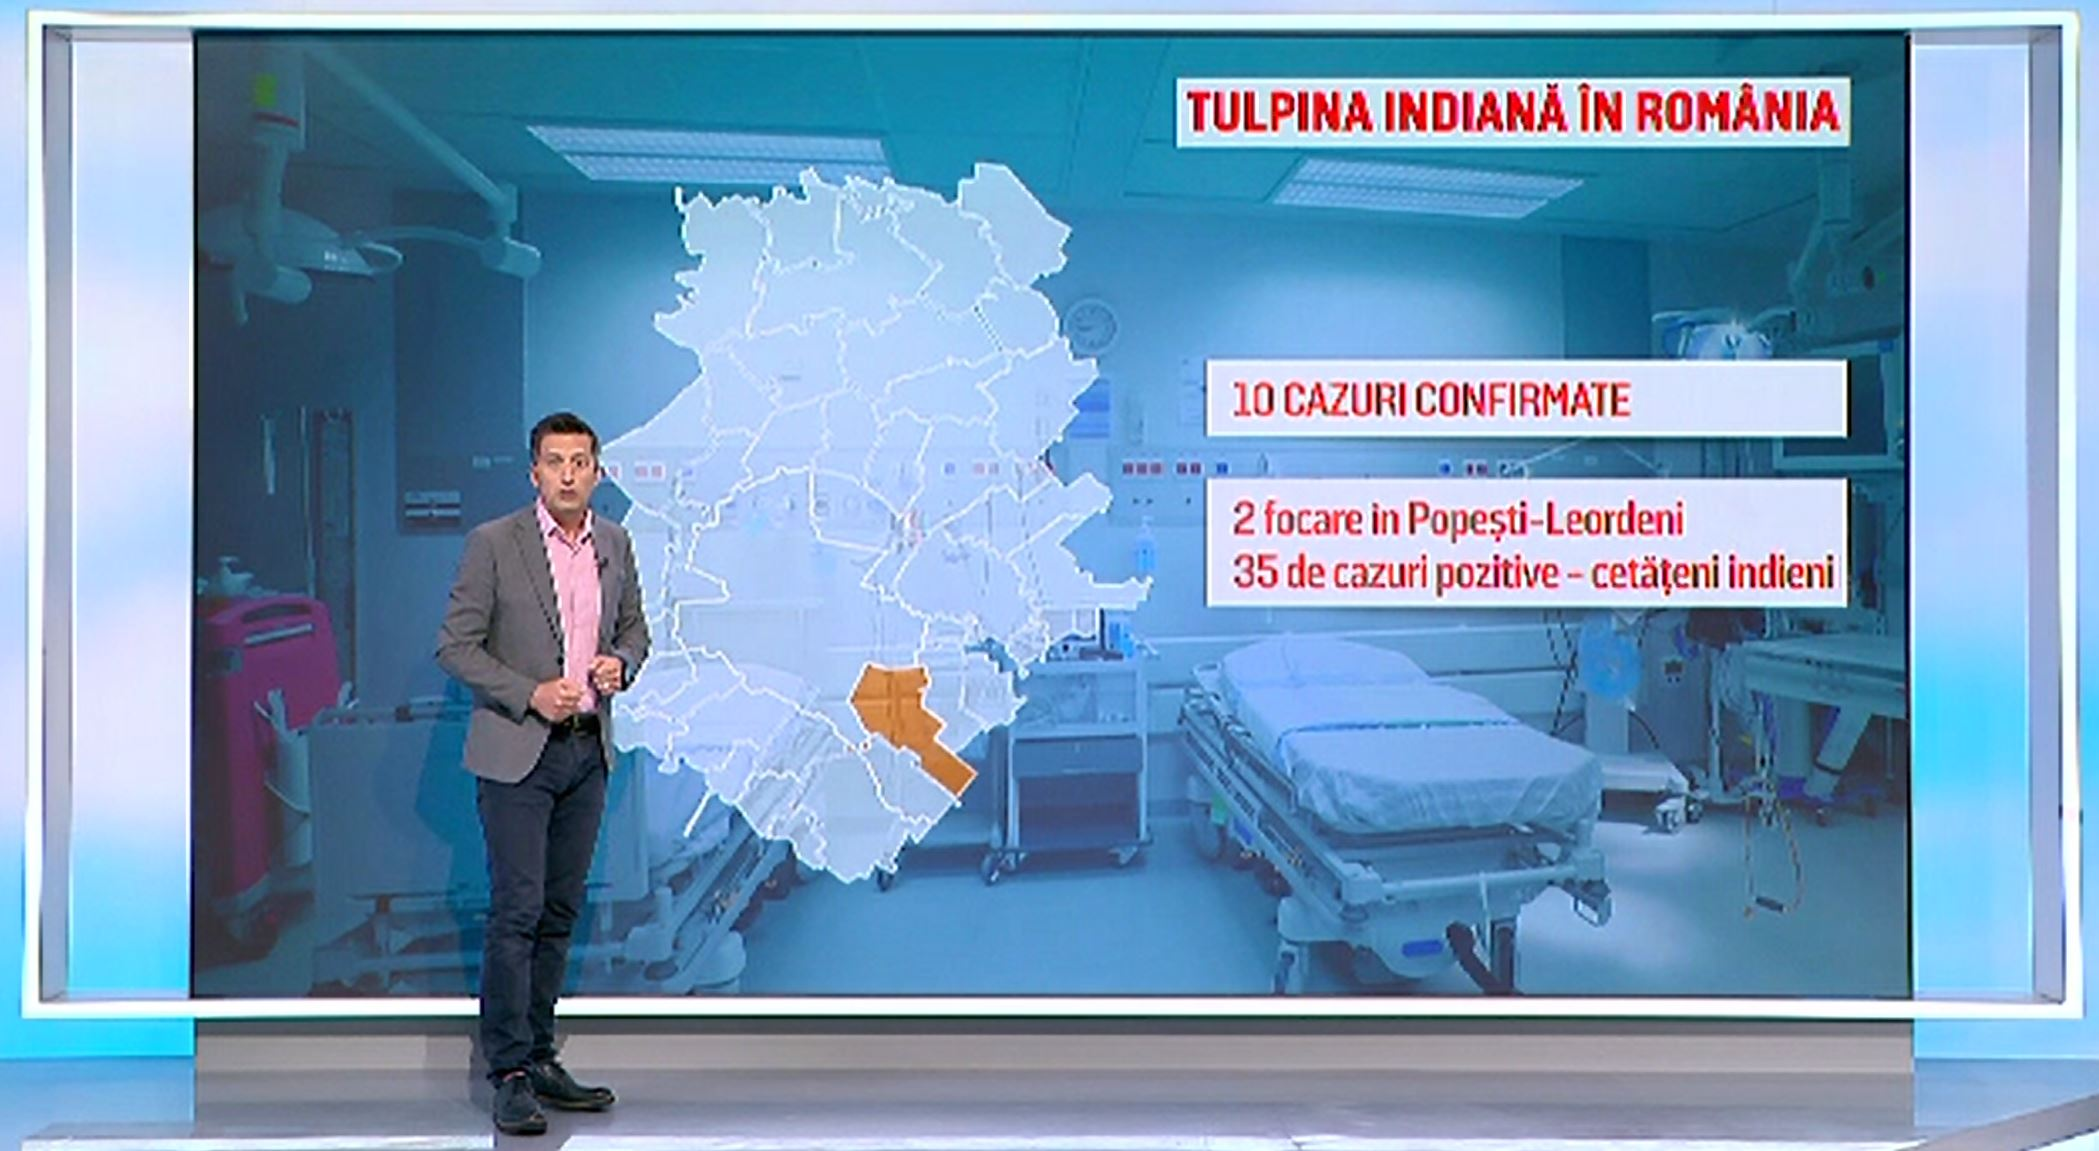 Tulpina indiană de COVID se extinde cu rapiditate pe tot globul. Care este situația cazurilor în România